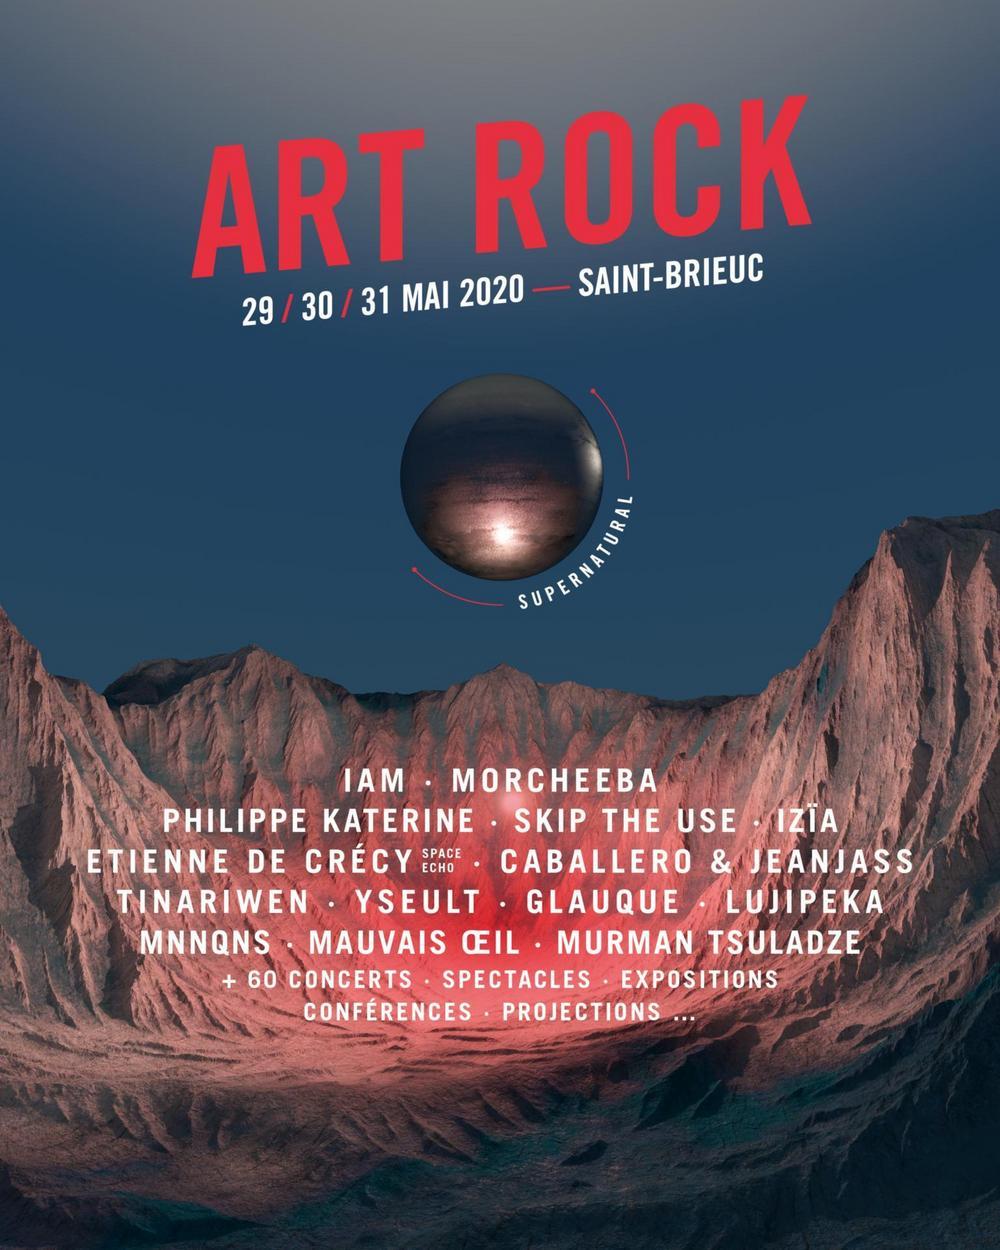 Festival – Festival Art Rock 2020